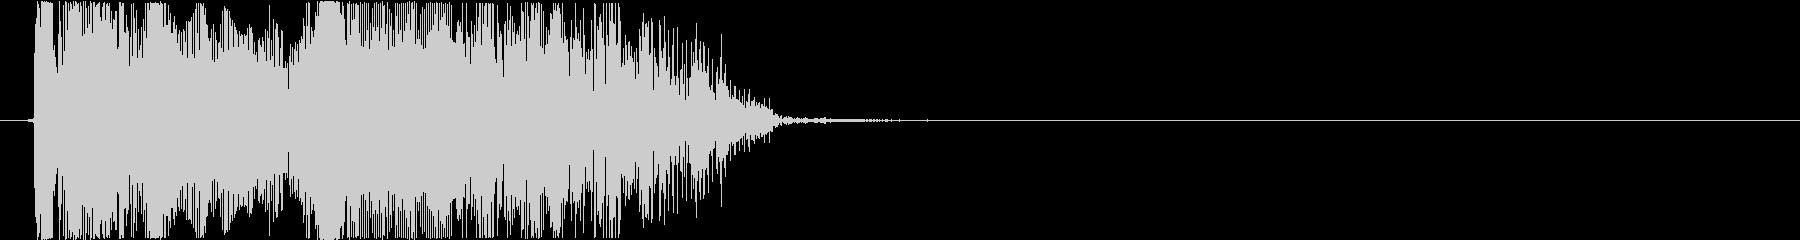 格闘ゲーム用「ダブルKO」の未再生の波形